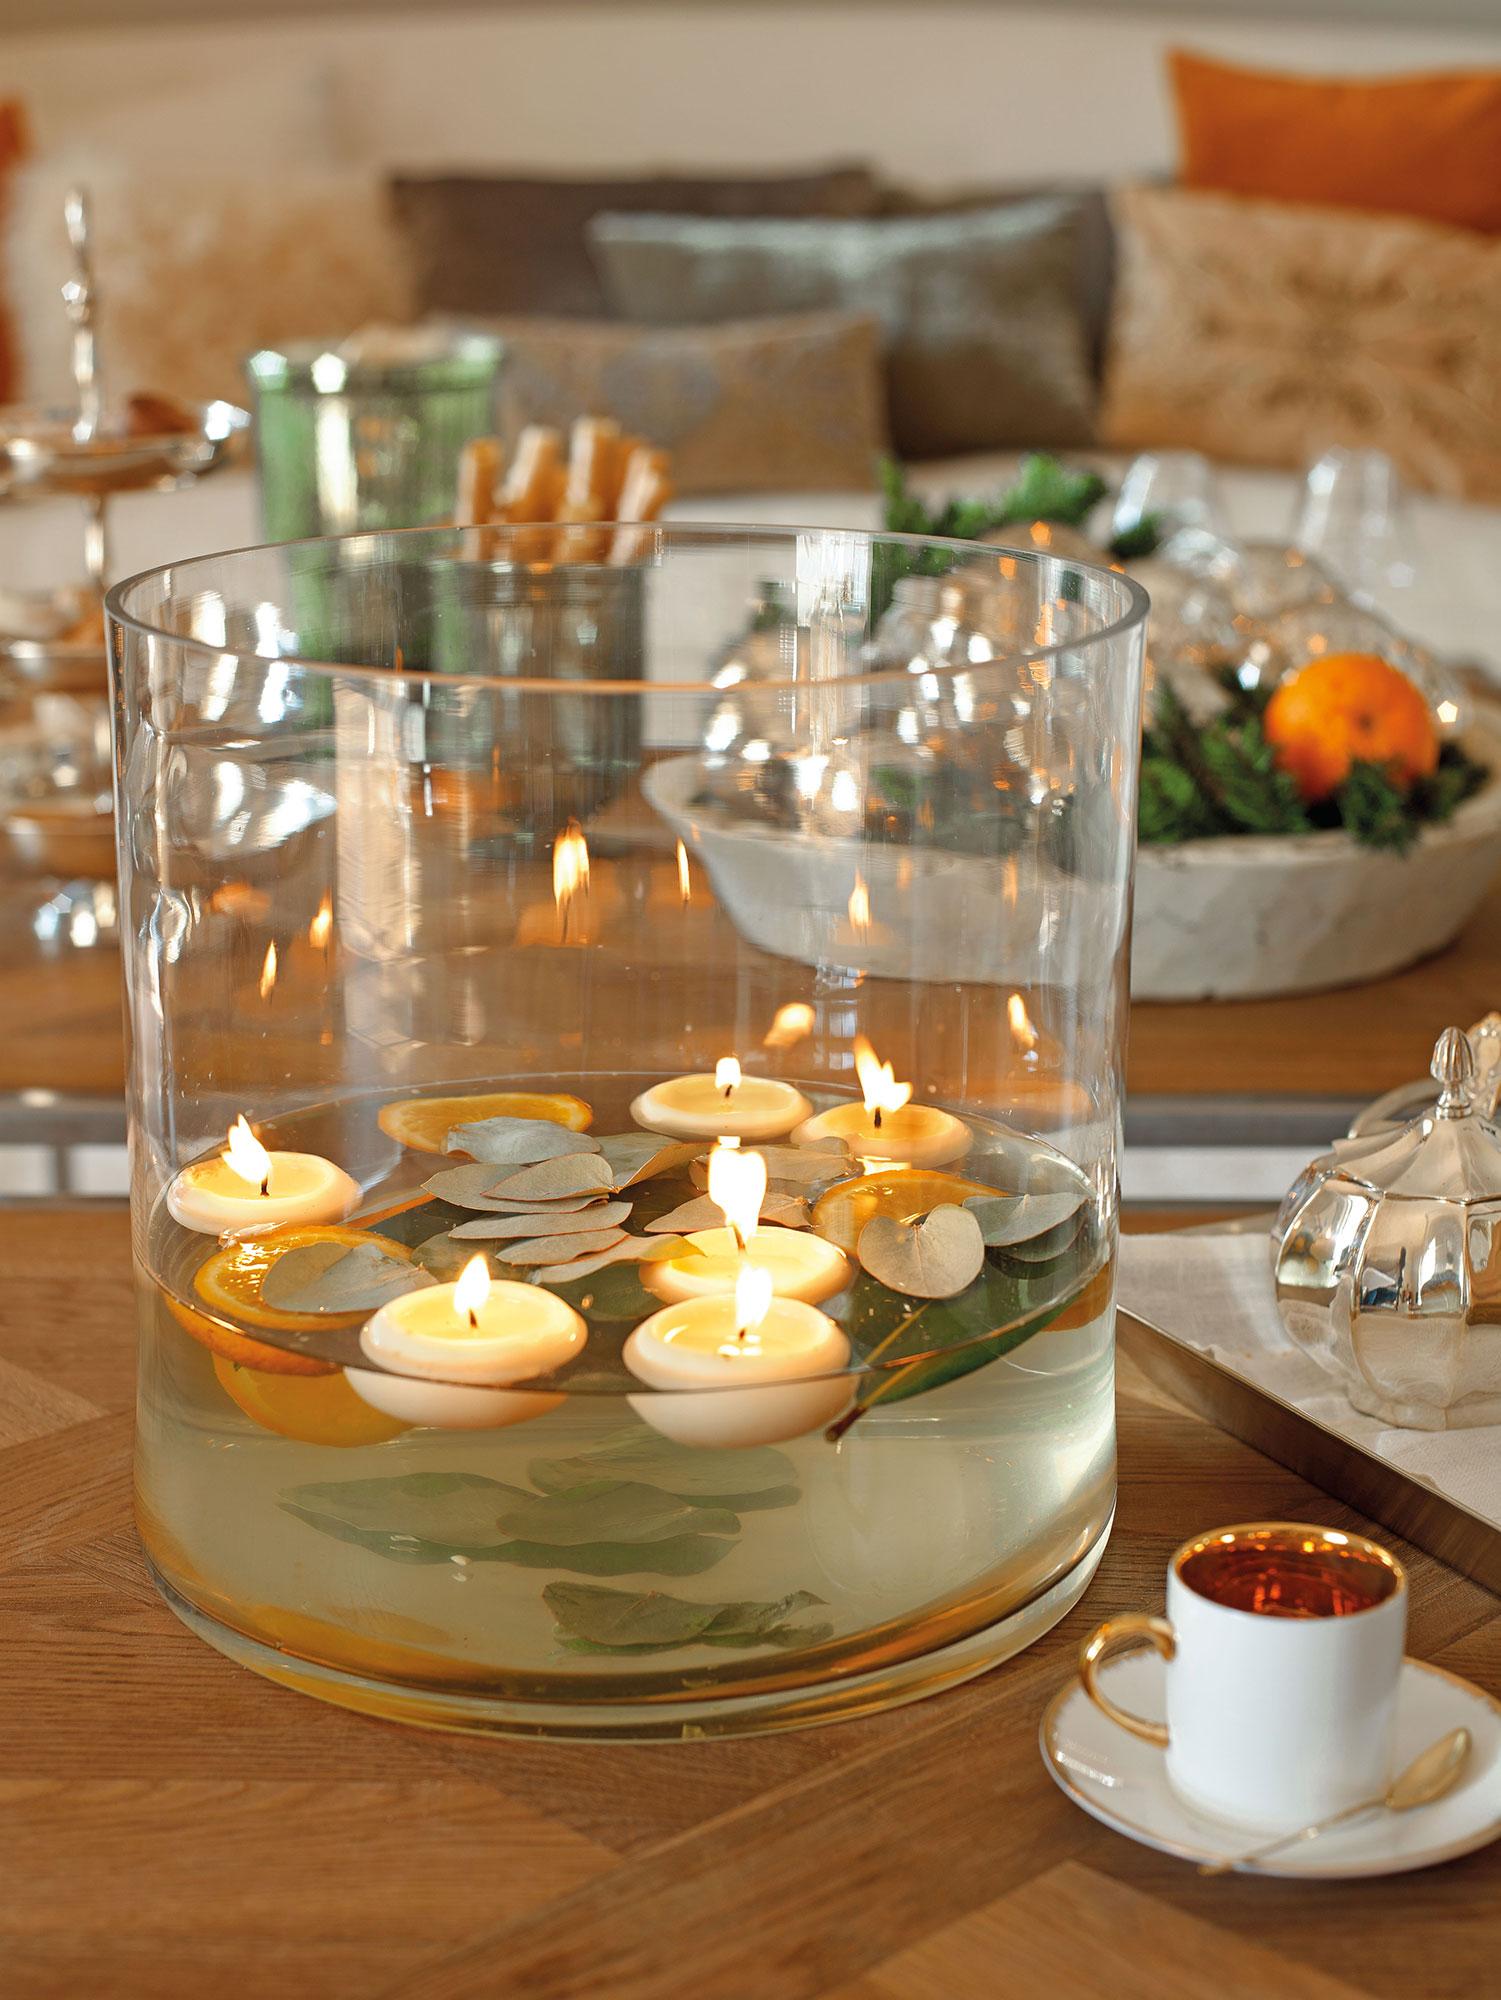 detalle de jarrn ancho con agua y velas